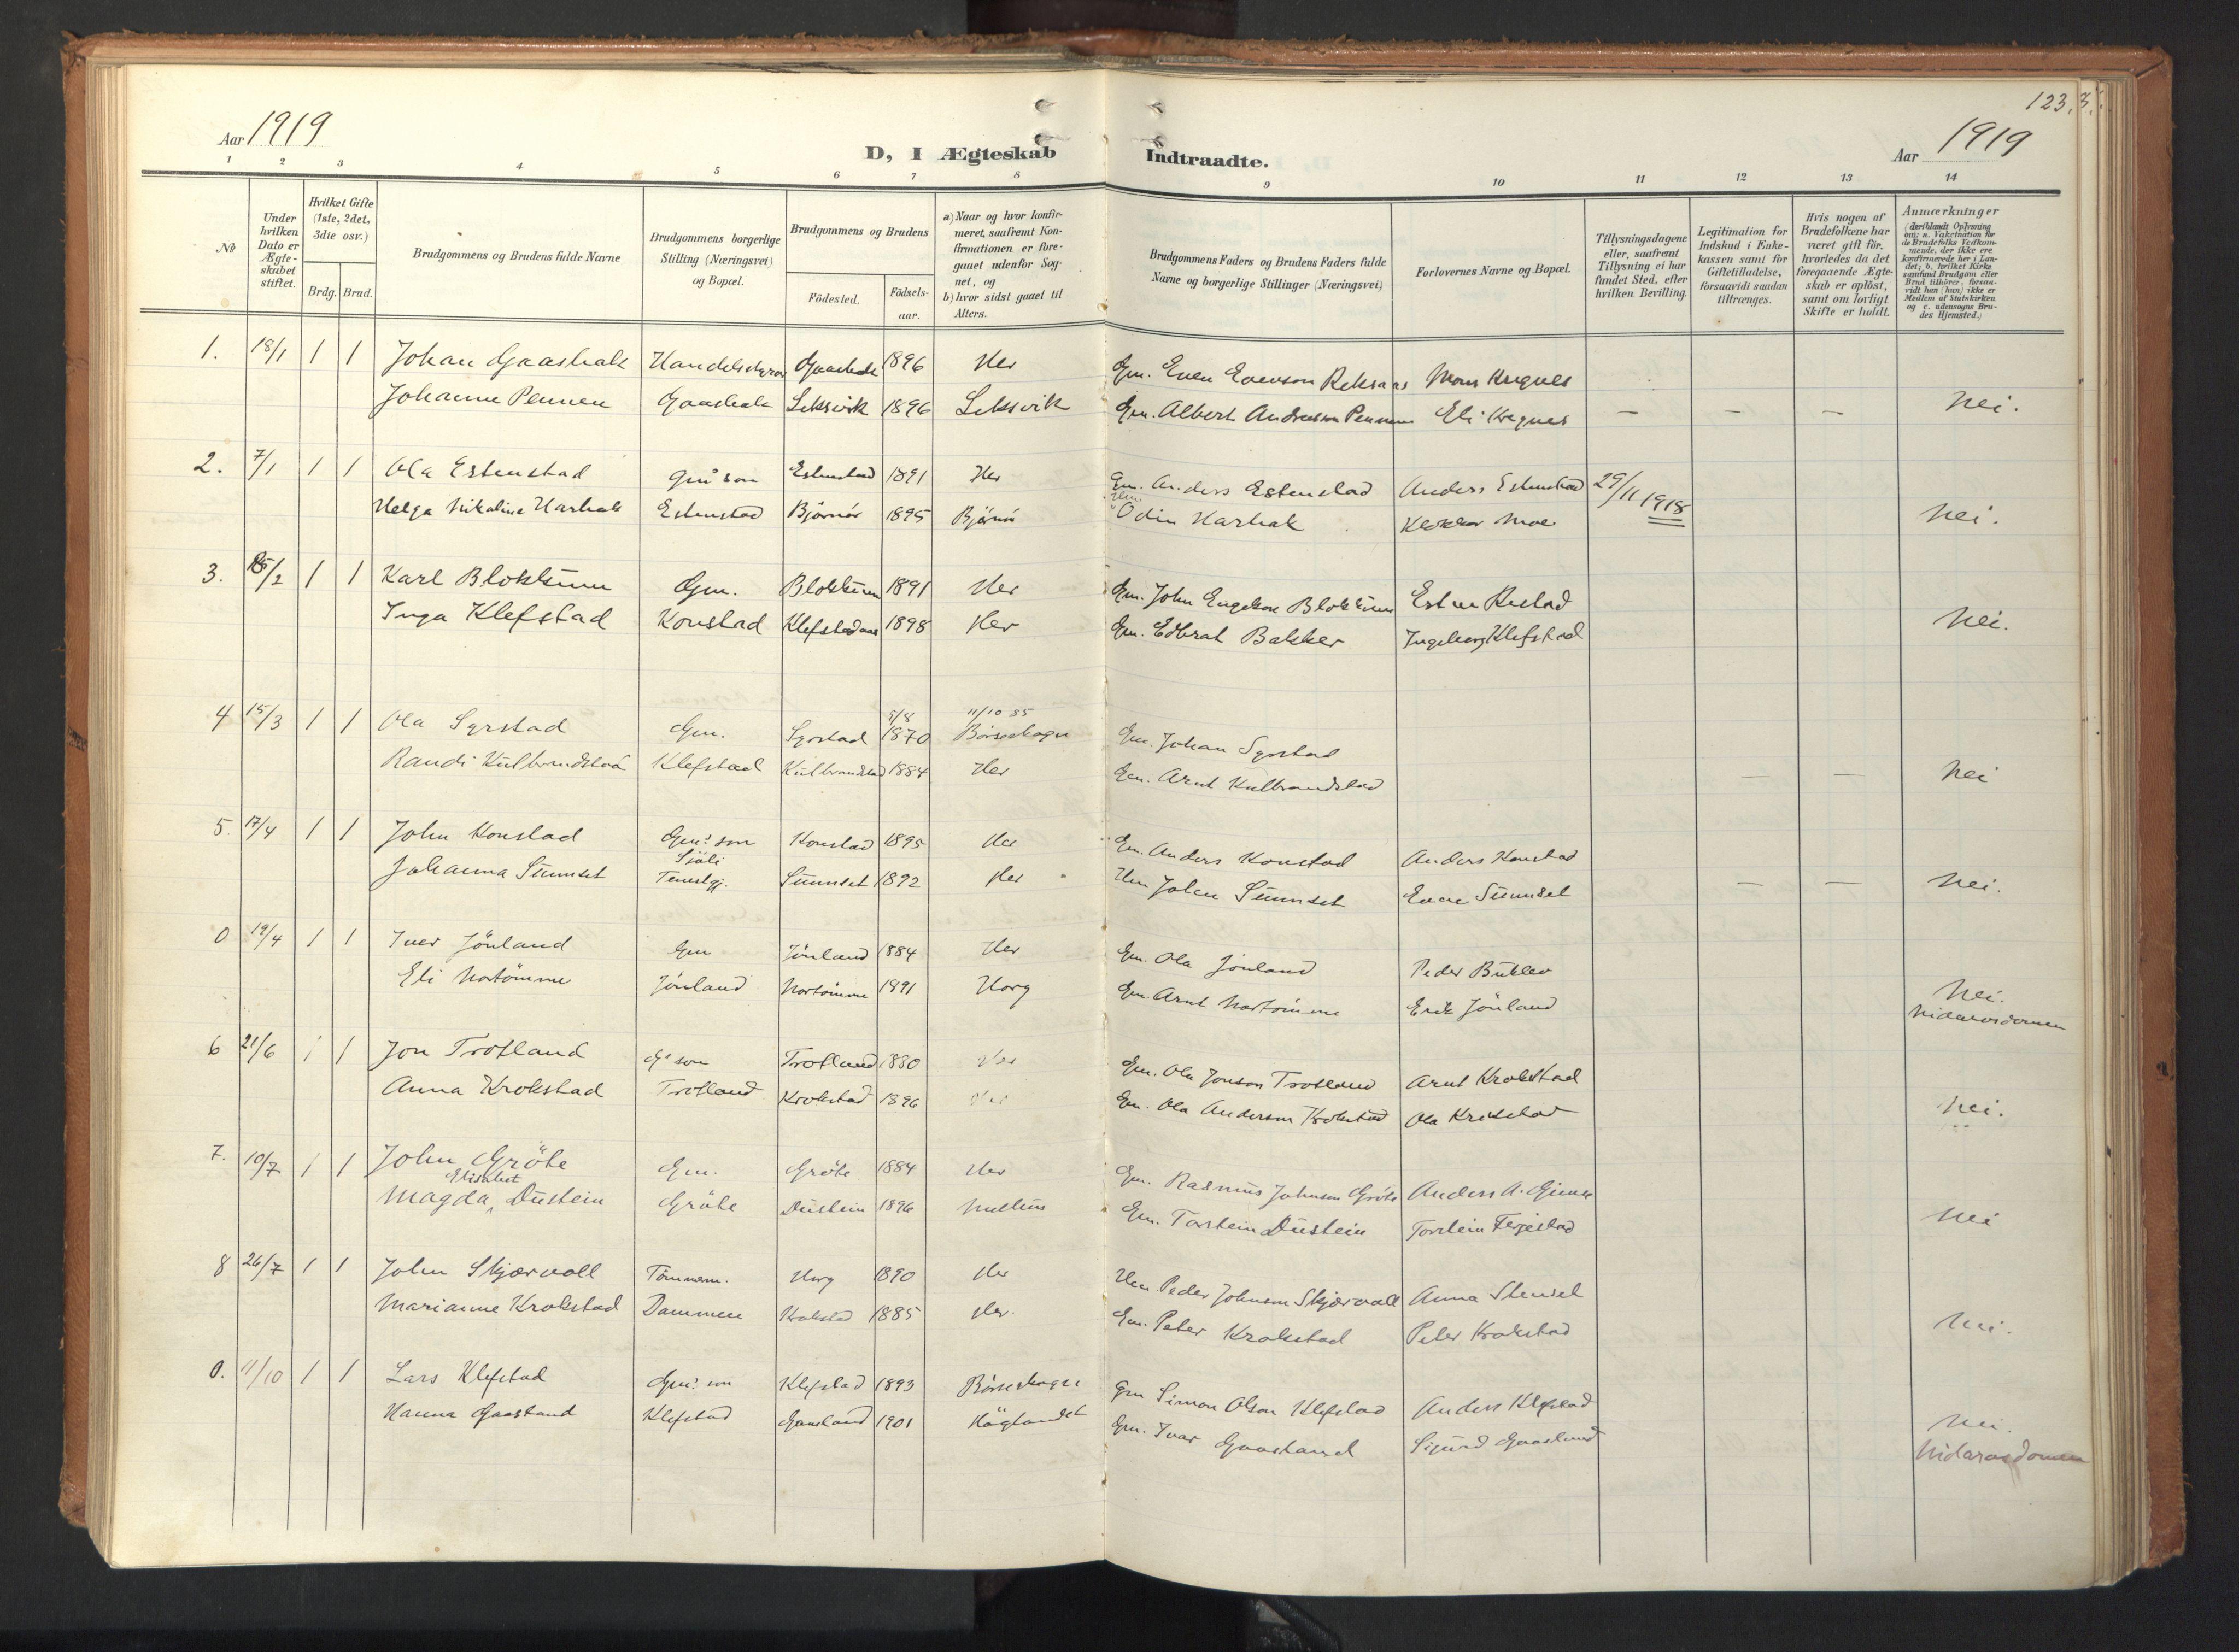 SAT, Ministerialprotokoller, klokkerbøker og fødselsregistre - Sør-Trøndelag, 694/L1128: Ministerialbok nr. 694A02, 1906-1931, s. 123